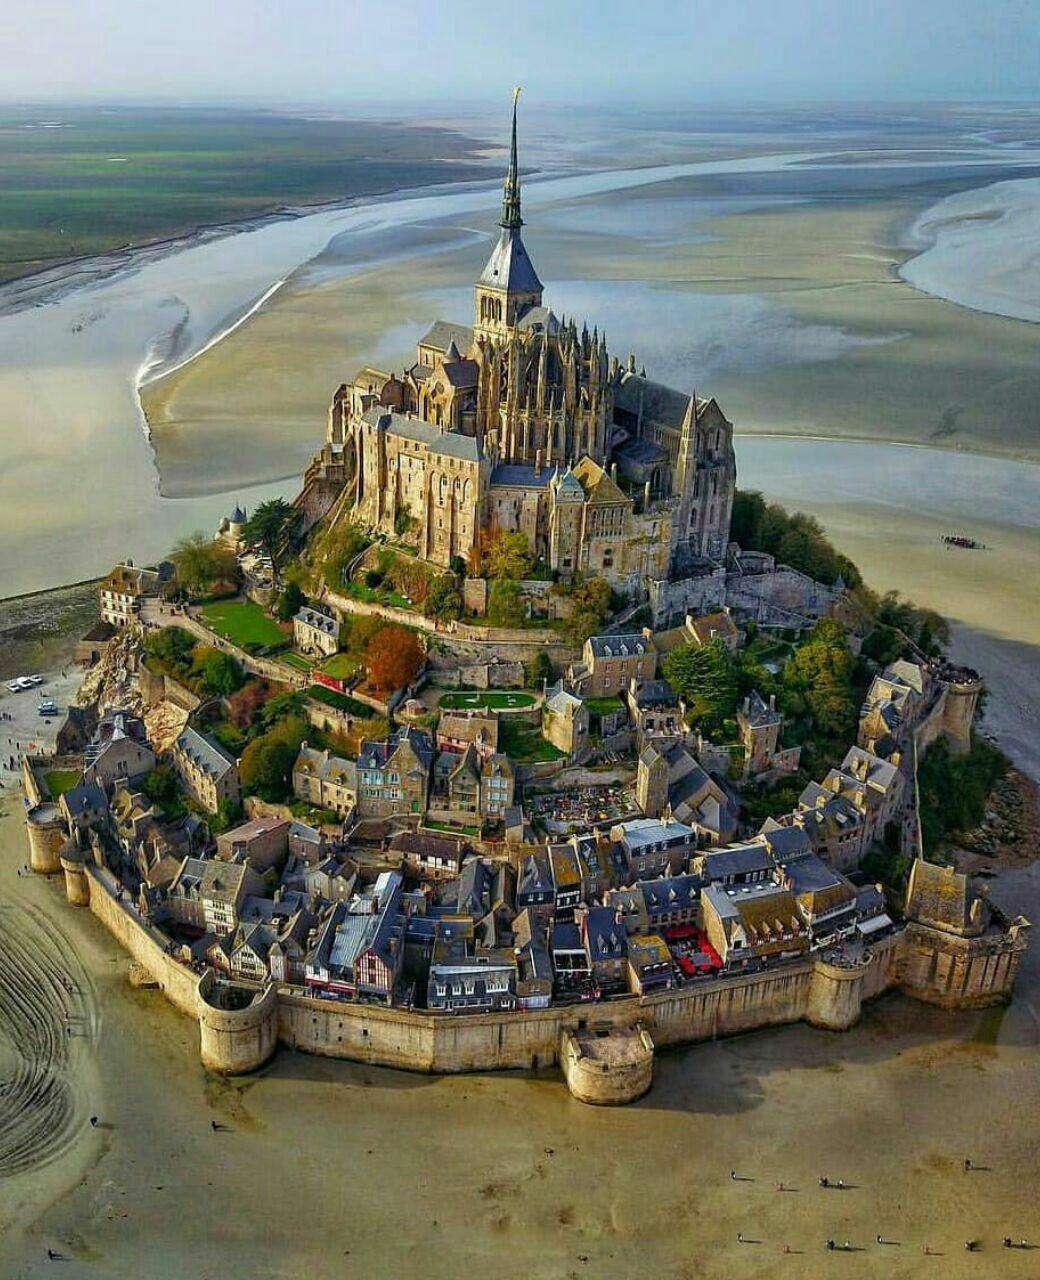 جزیره جادویی به همراه قلعه تاریخی در فرانسه